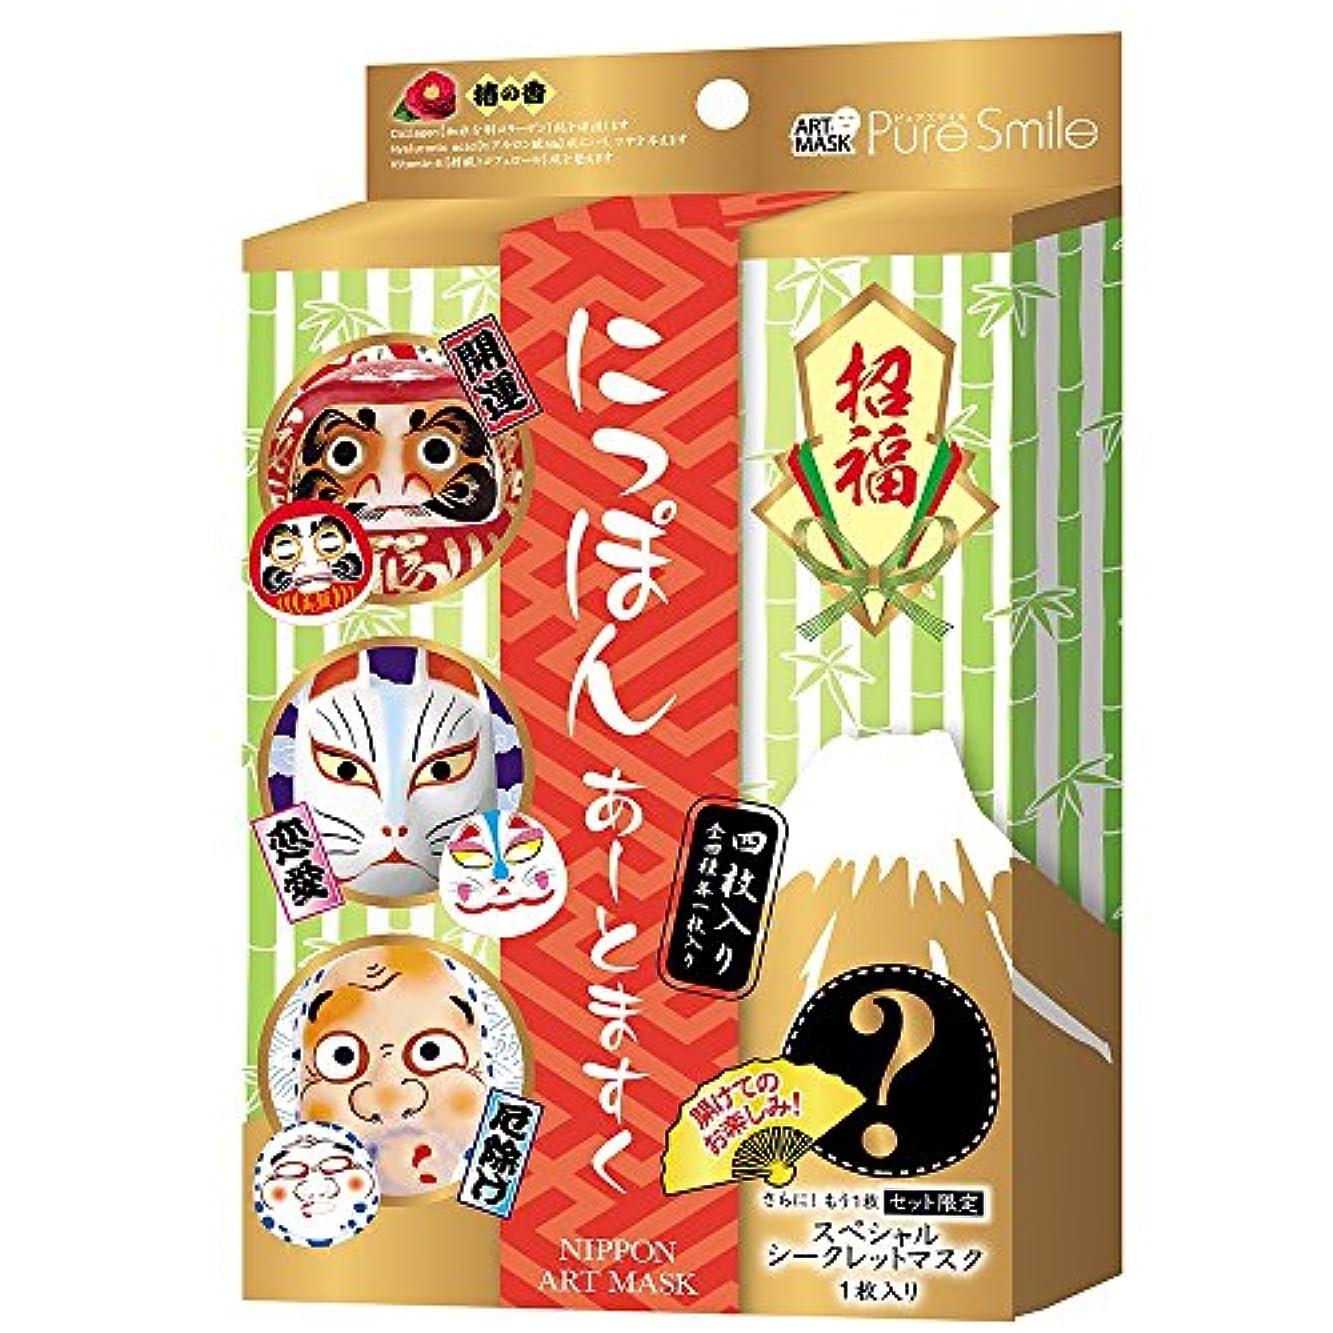 もの見かけ上コンプリートピュアスマイル 招福にっぽんアートマスク お得なセットBOX(全4種類各1枚入り)